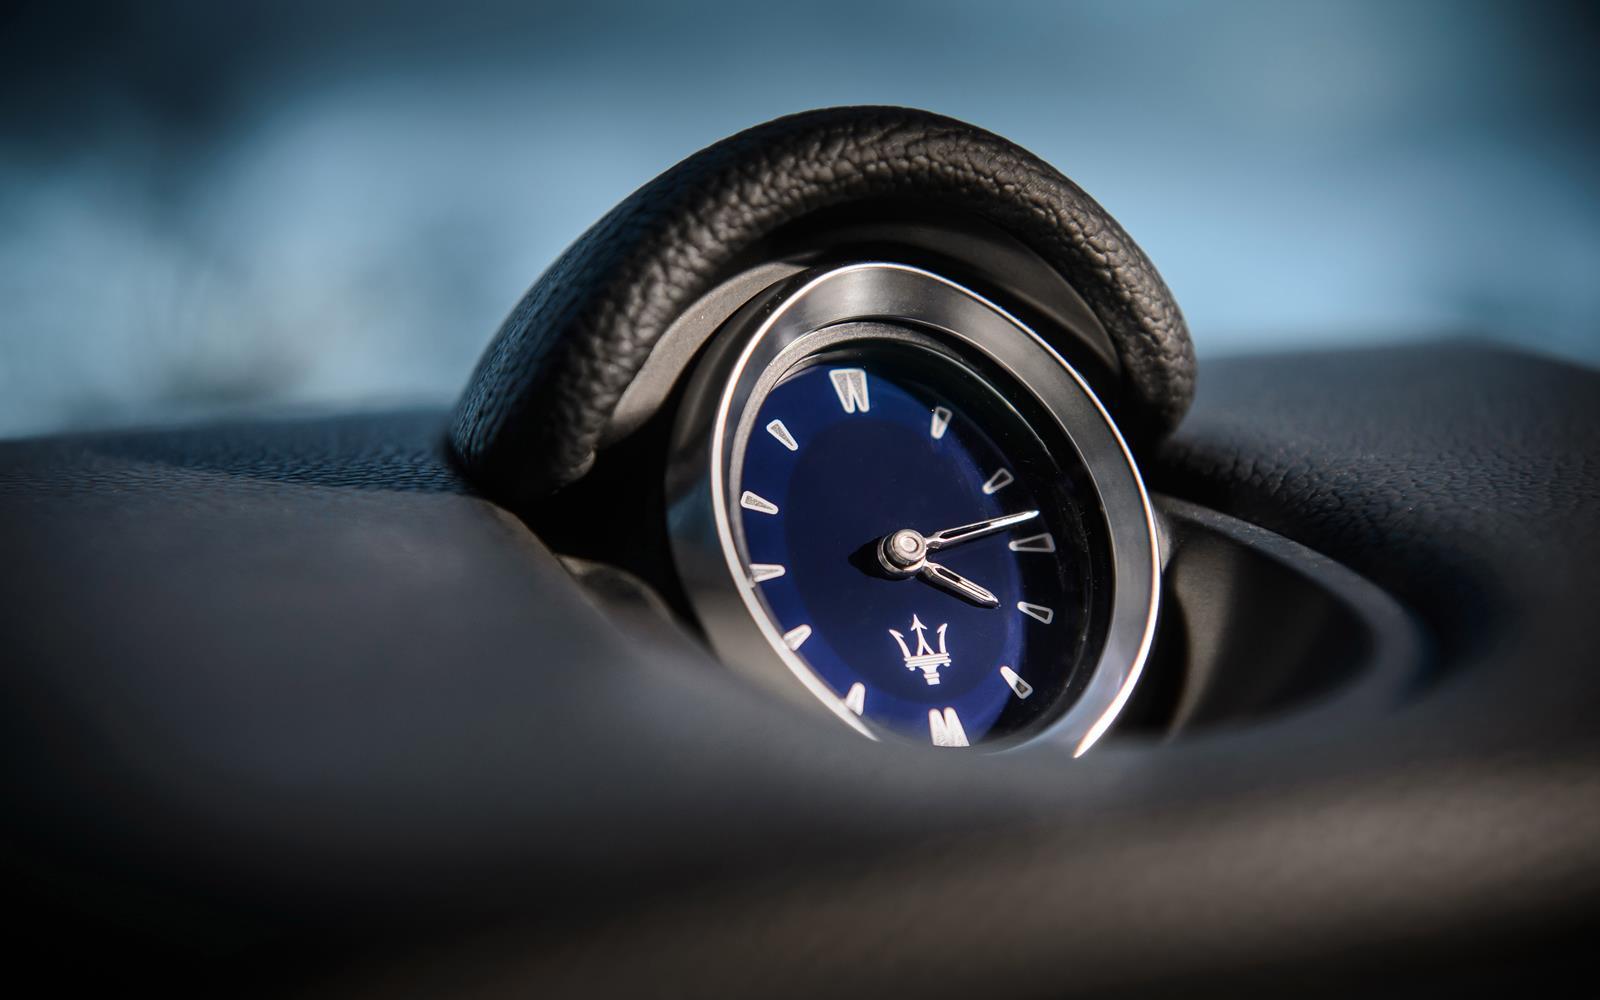 Maserati Ghibli 2014 Clock